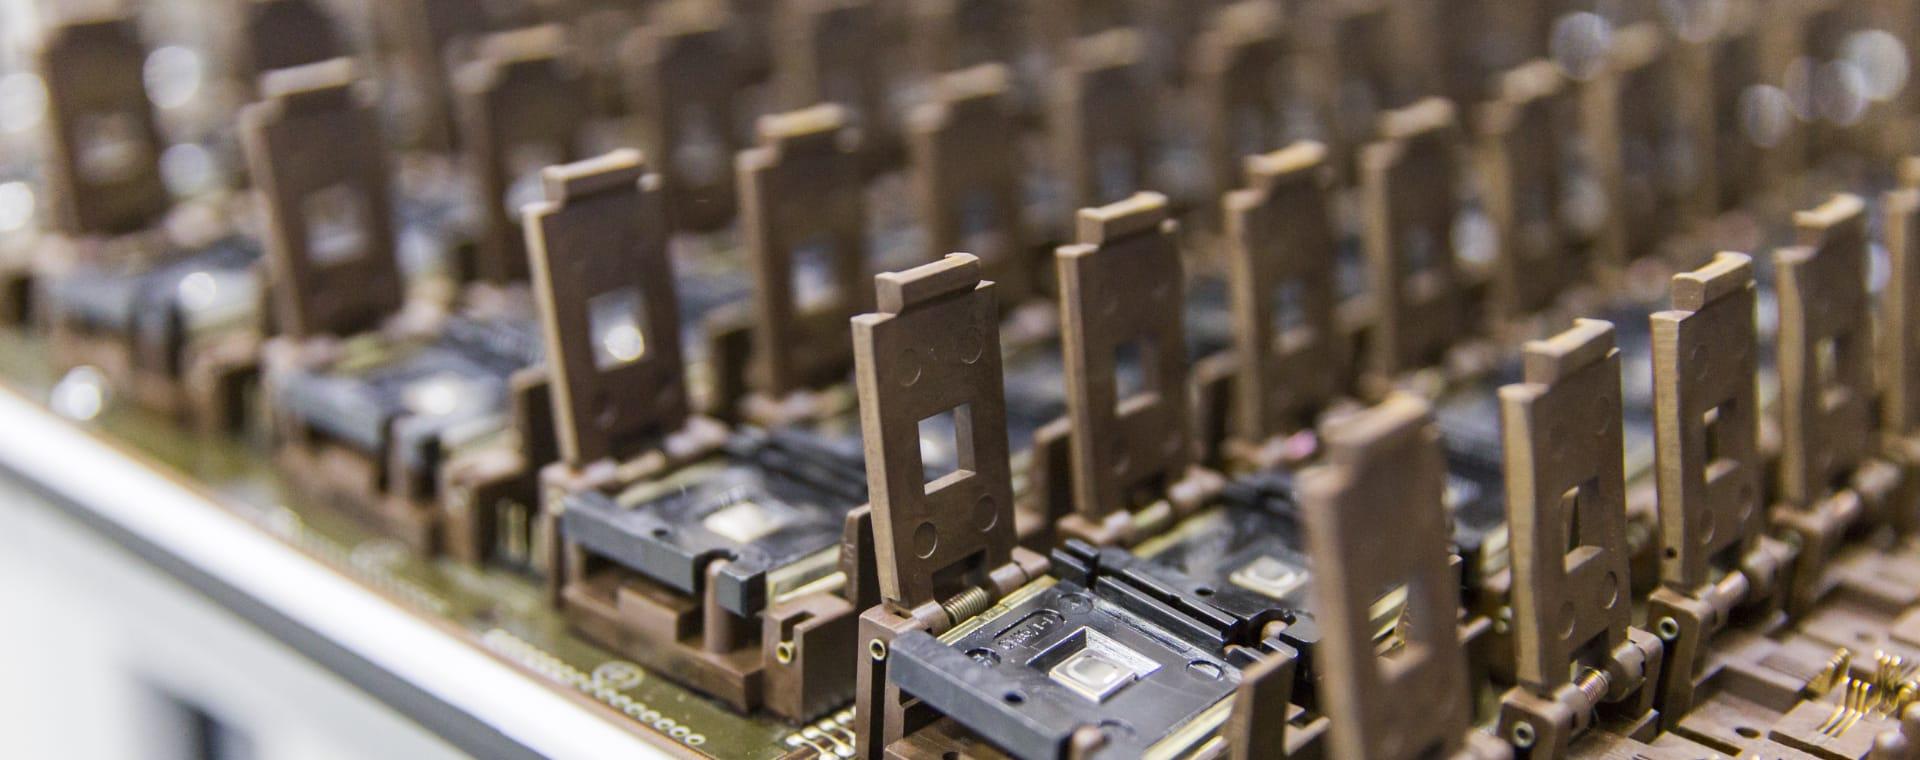 半導体バーンイン評価装置用基板